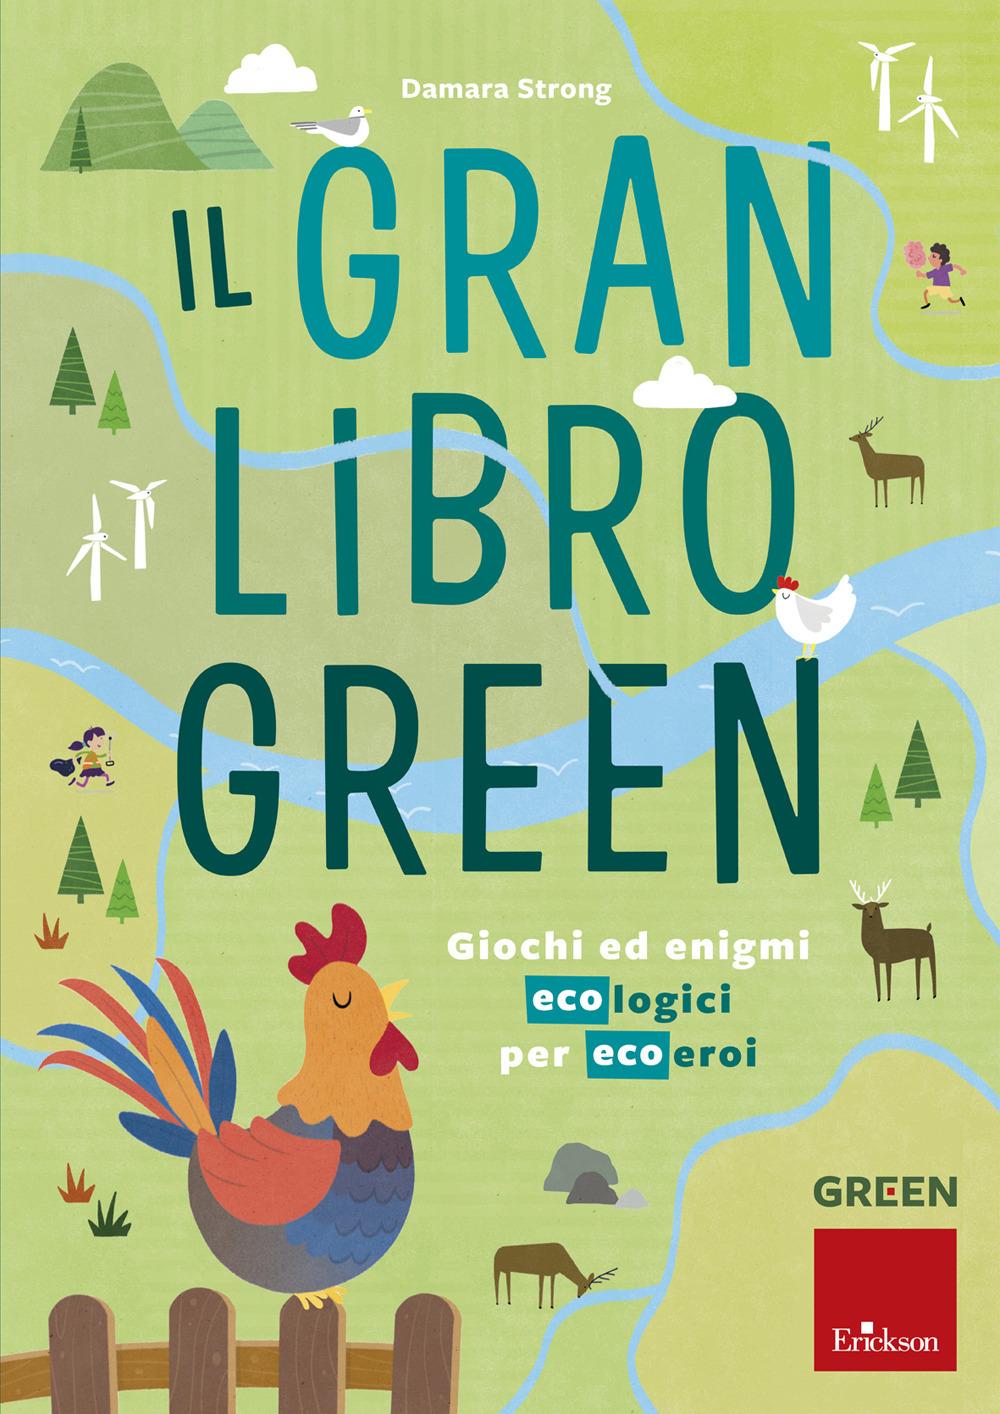 Il gran libro green. Giochi ed enigmi ecologici per ecoeroi